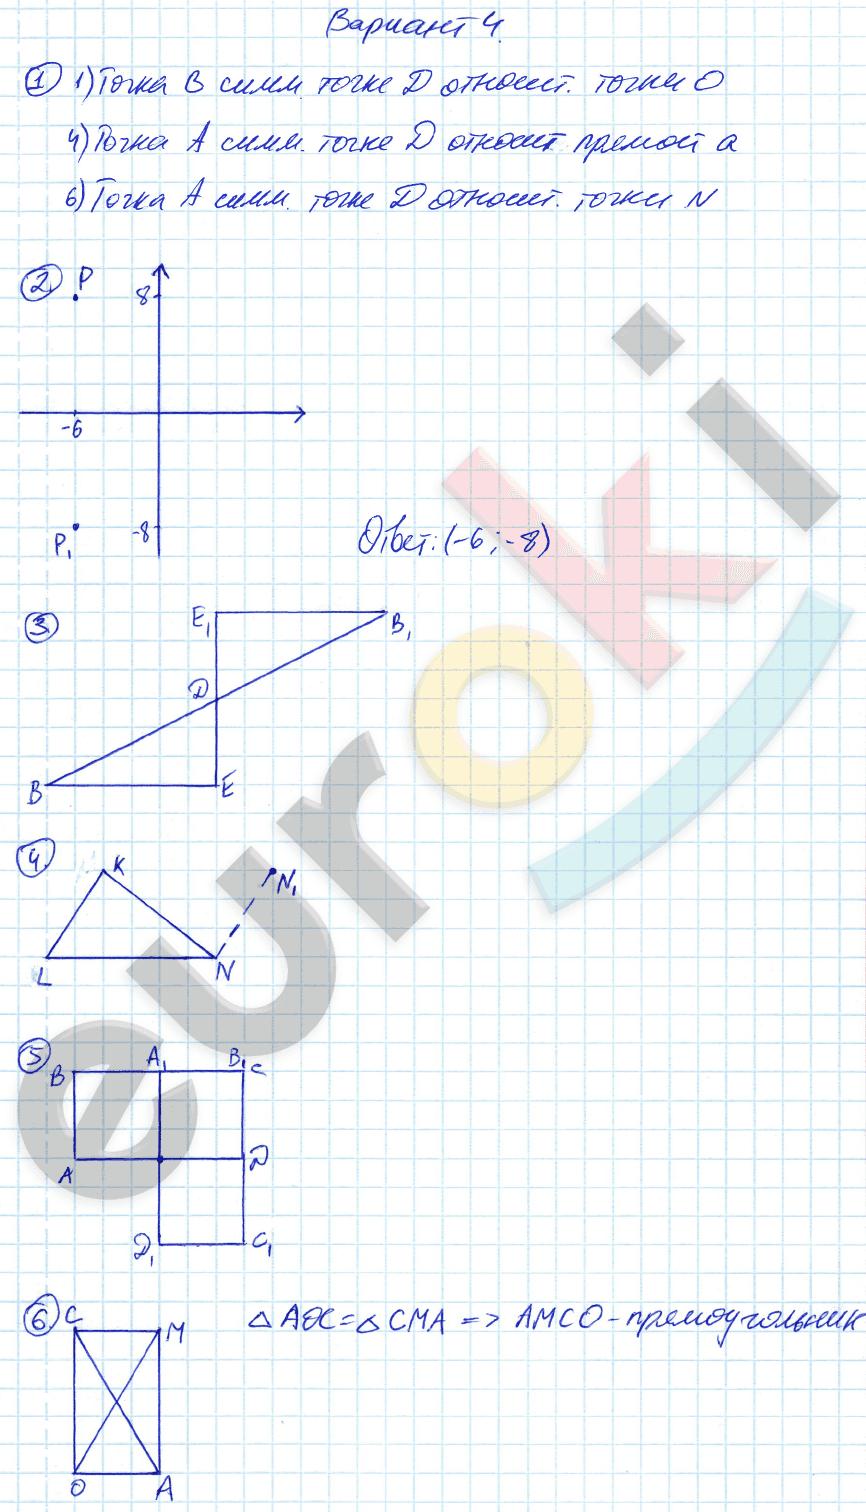 ГДЗ по геометрии 9 класс контрольные работы Мельникова КР-4. Движения. Задание: Вариант 4